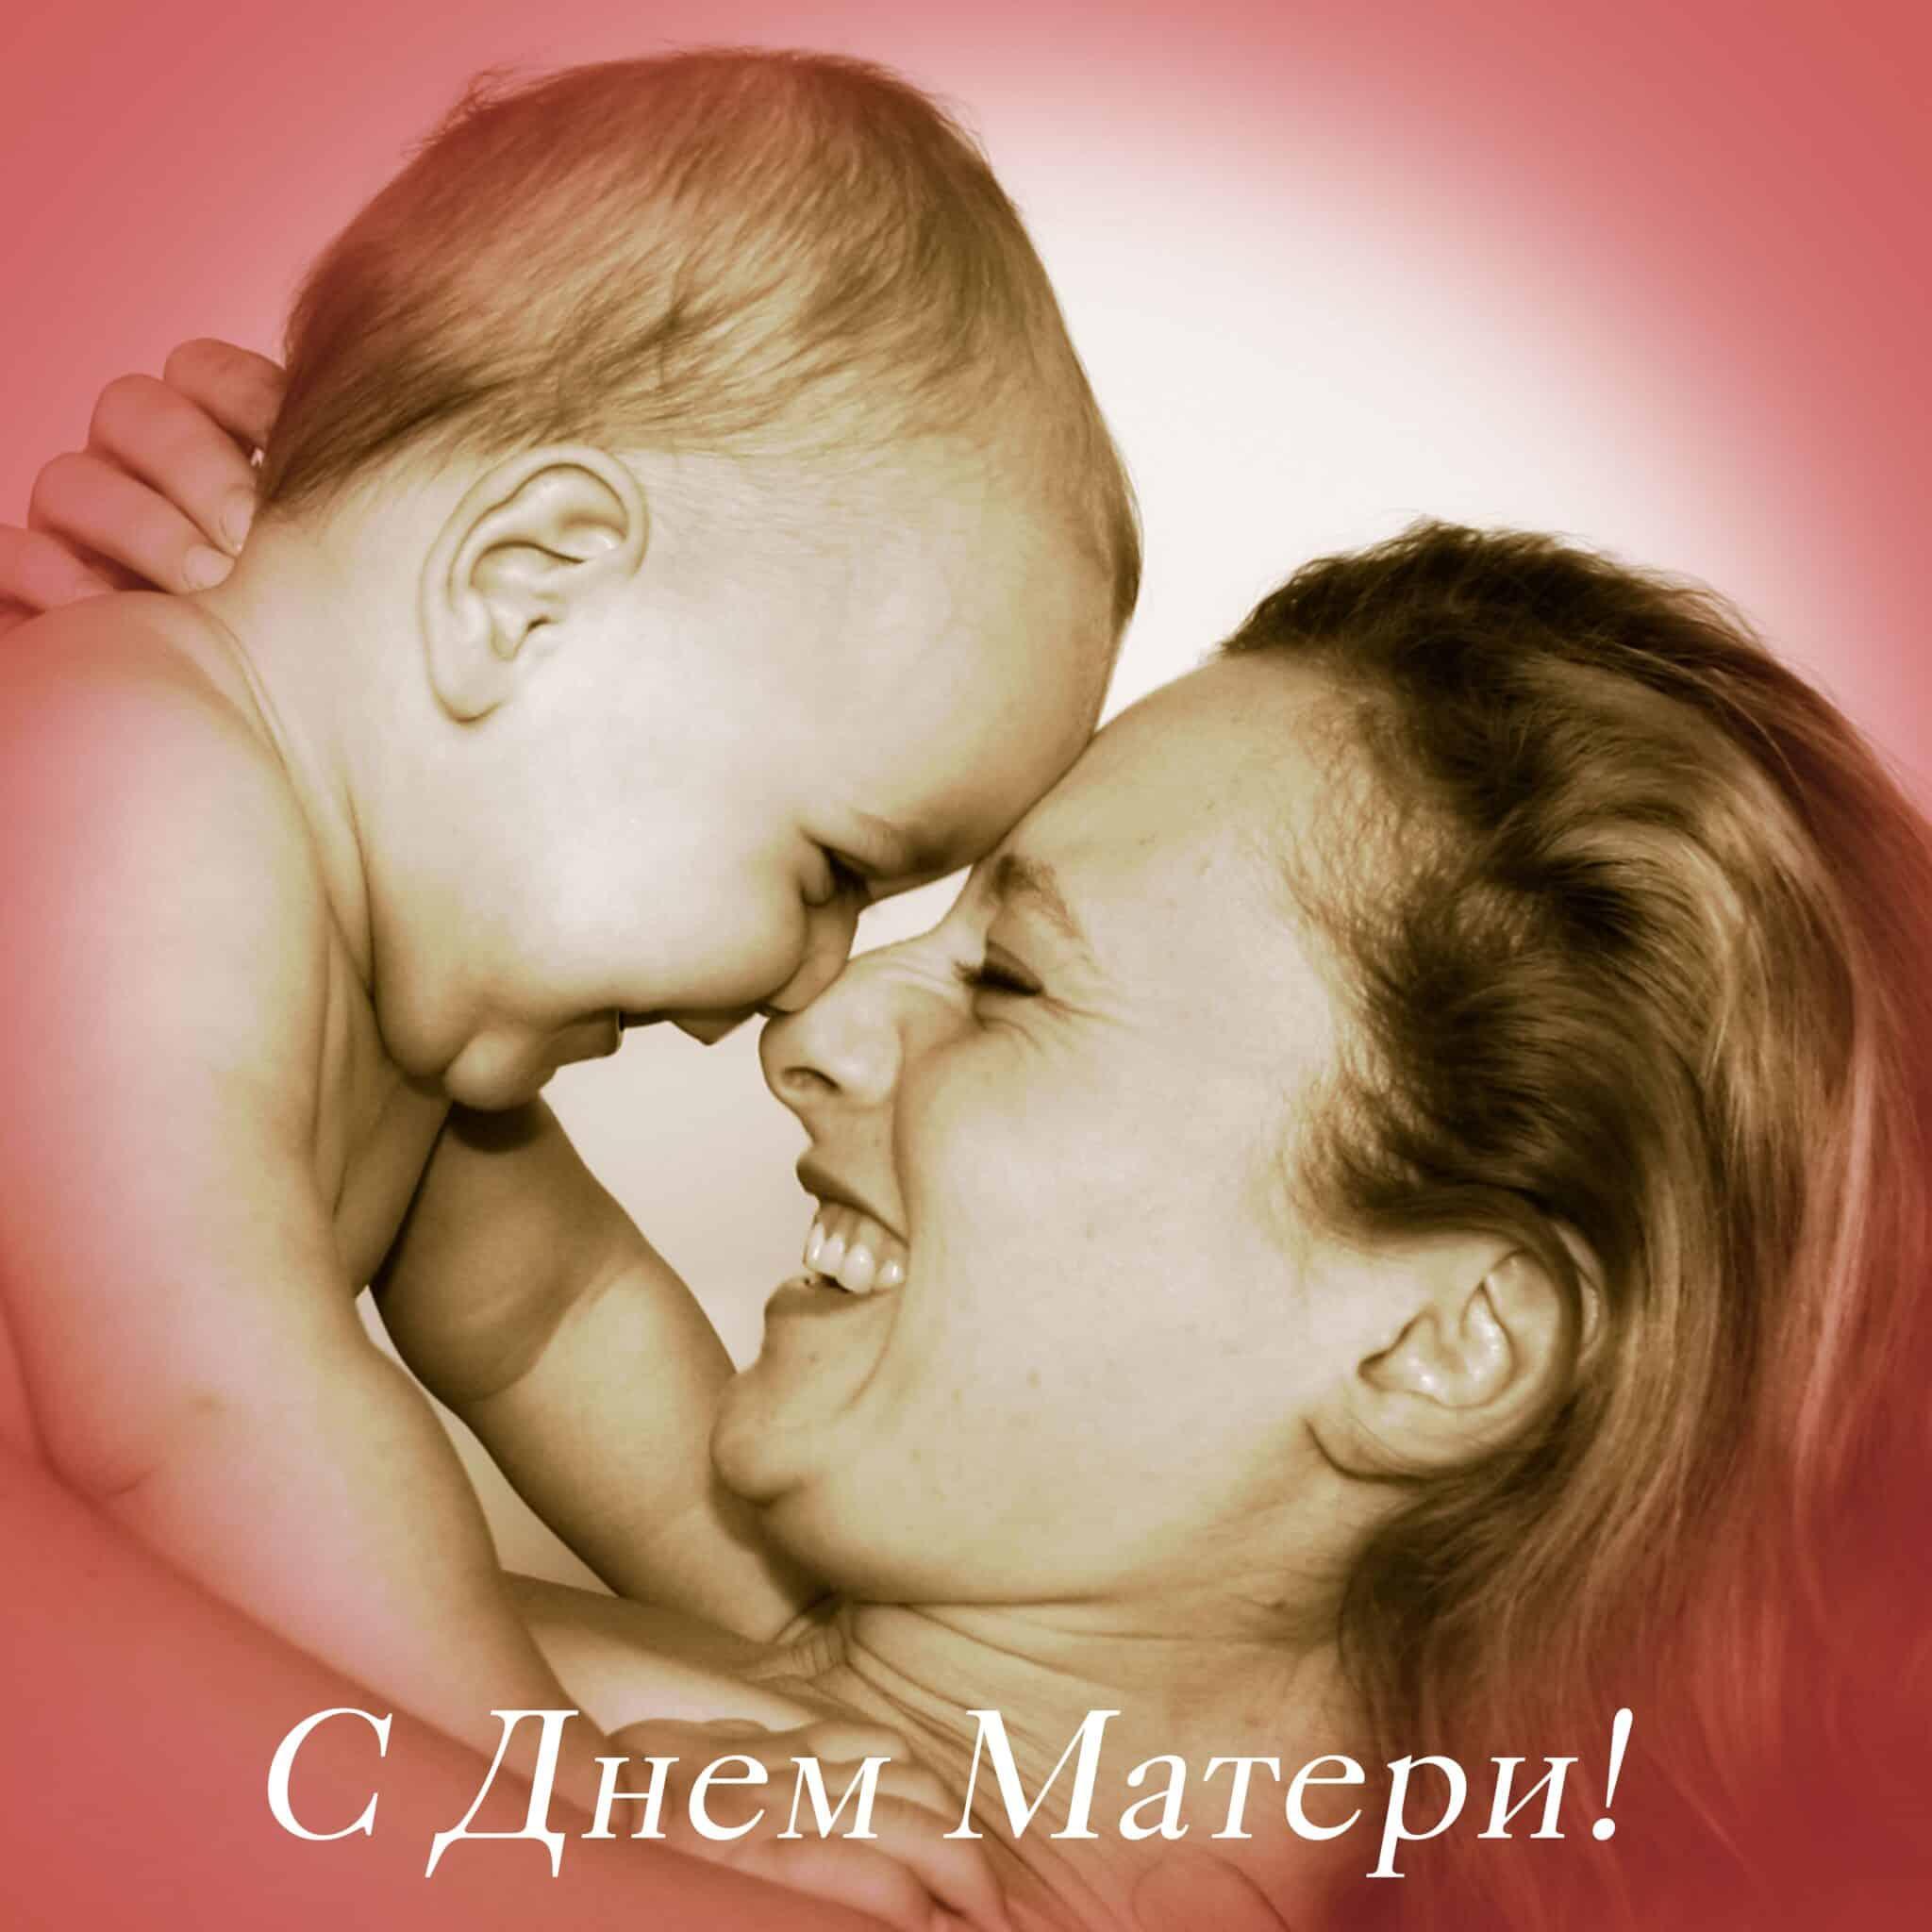 Фото и картинки на день матери